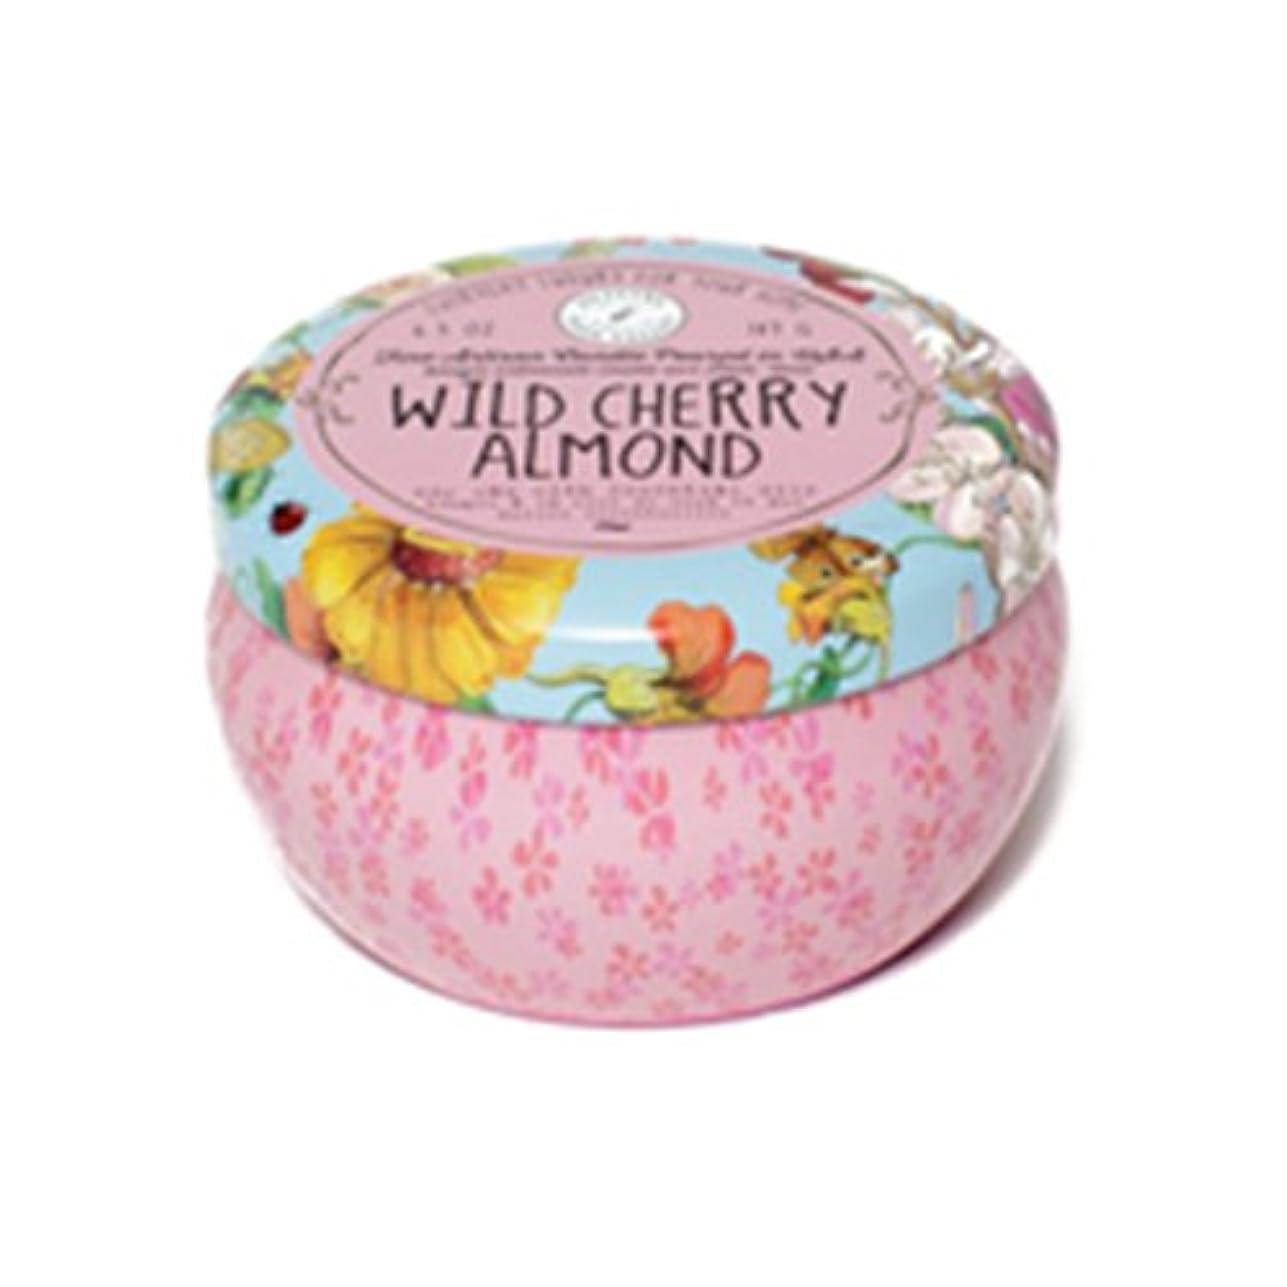 嫌い豊富なはぁNapa Valley Apothecary wild cherry almond ワイルドチェリーアーモンド 缶キャンドル tin candle ナパバレーアポセカリー Olivina オリビーナ